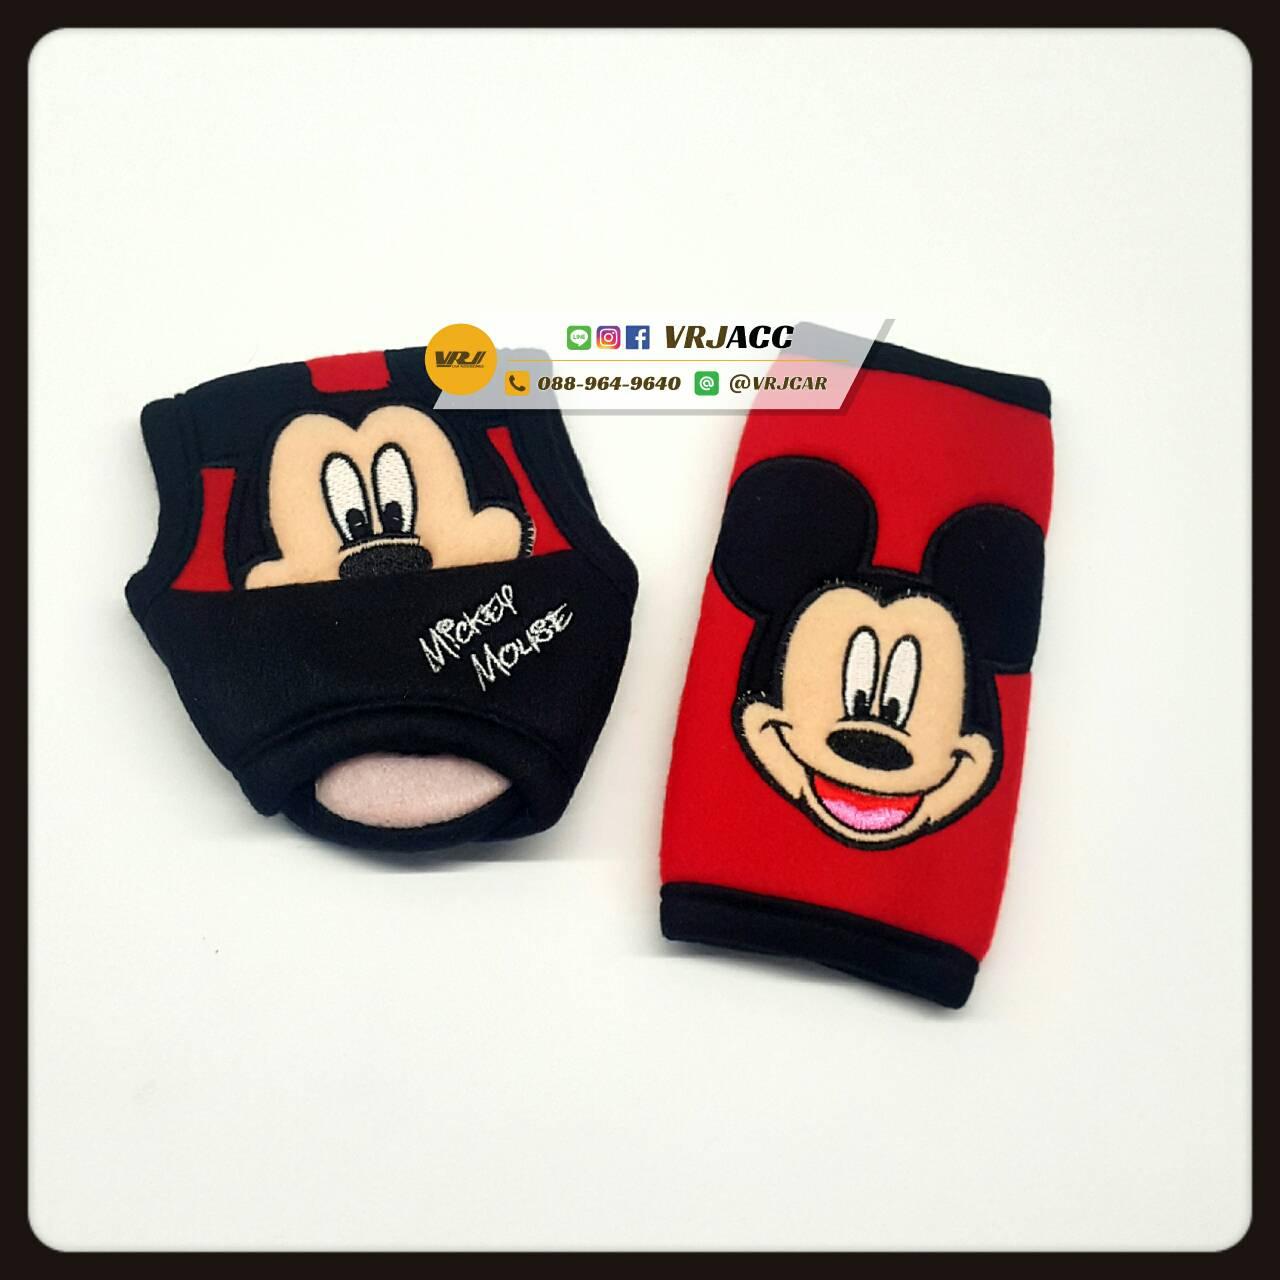 มิกกี้เมาส์ Mickey Mouse ชุดเซตหุ้มเกียร์ออโต้ และ หุ้มเบรคมือ มิกกี้เมาส์ Knob cover and Hand brake cover